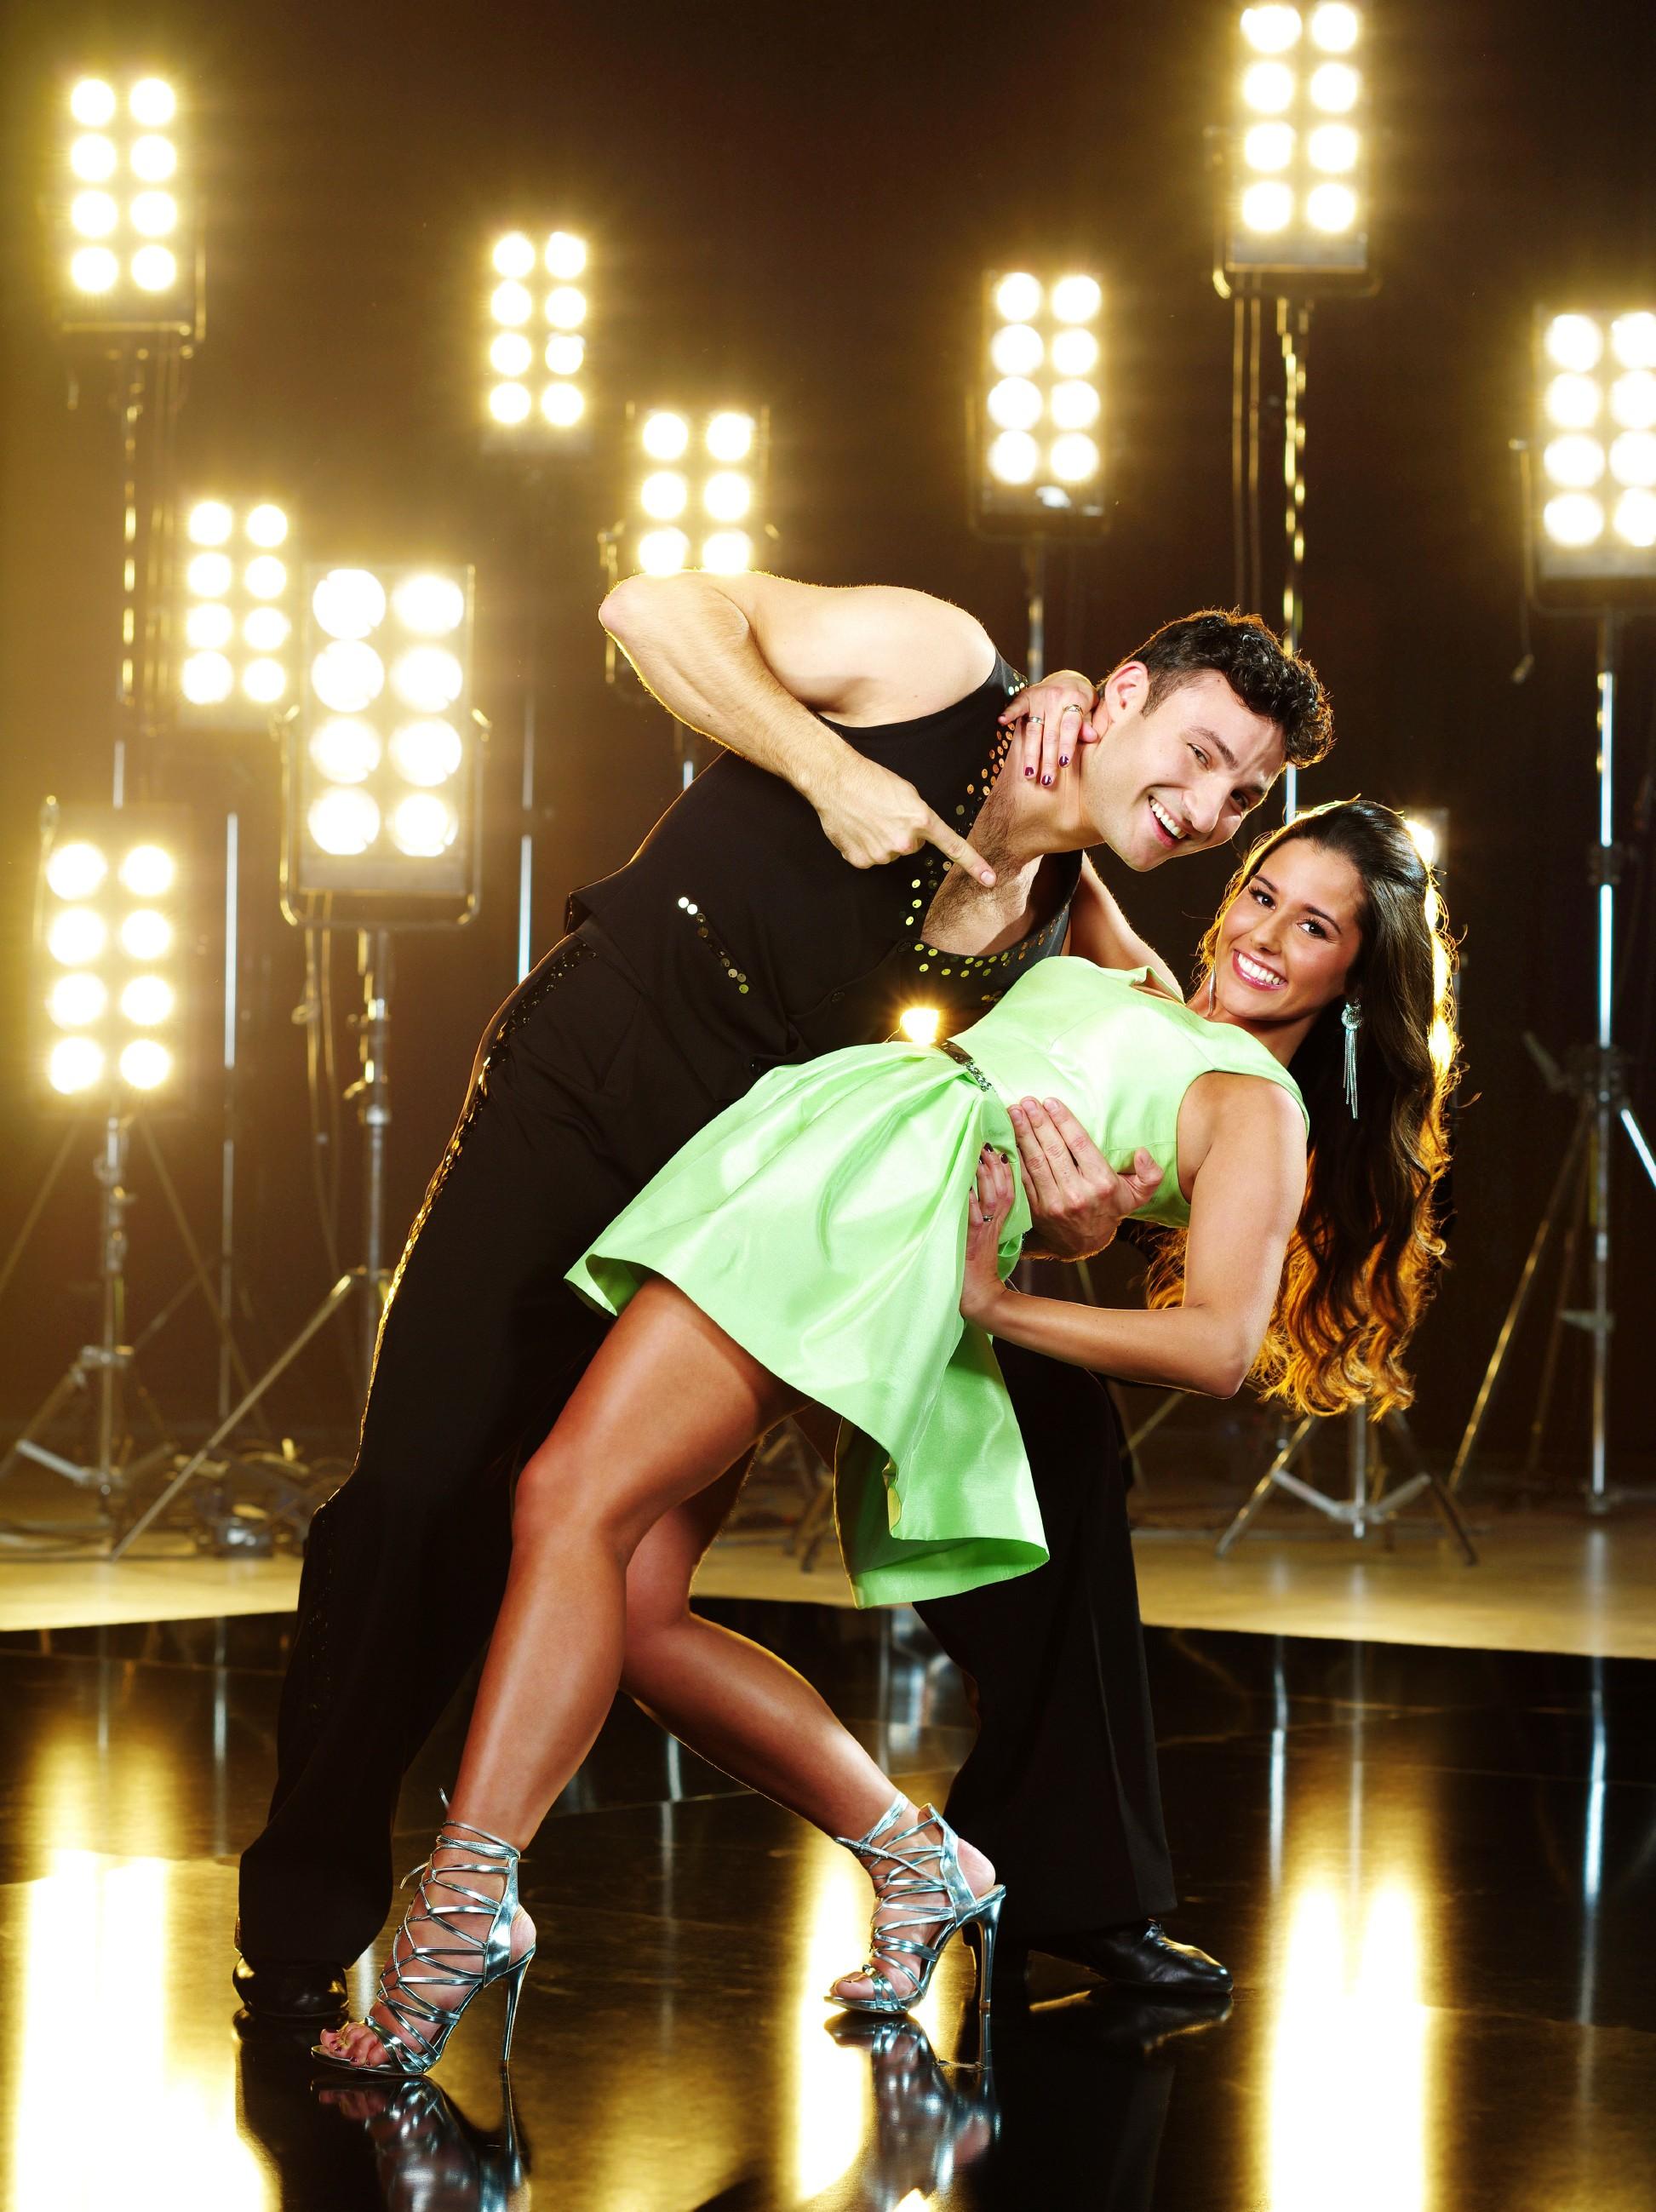 Sängerin Sarah Lombardi (23) tanzt mit Profitänzer Robert Beitsch (24) Verwendung der Bilder für Online-Medien ausschließlich mit folgender Verlinkung:'Alle Infos zu 'Let's Dance' im Special bei RTL.de: http://www.rtl.de/cms/sendungen/lets-dance.html